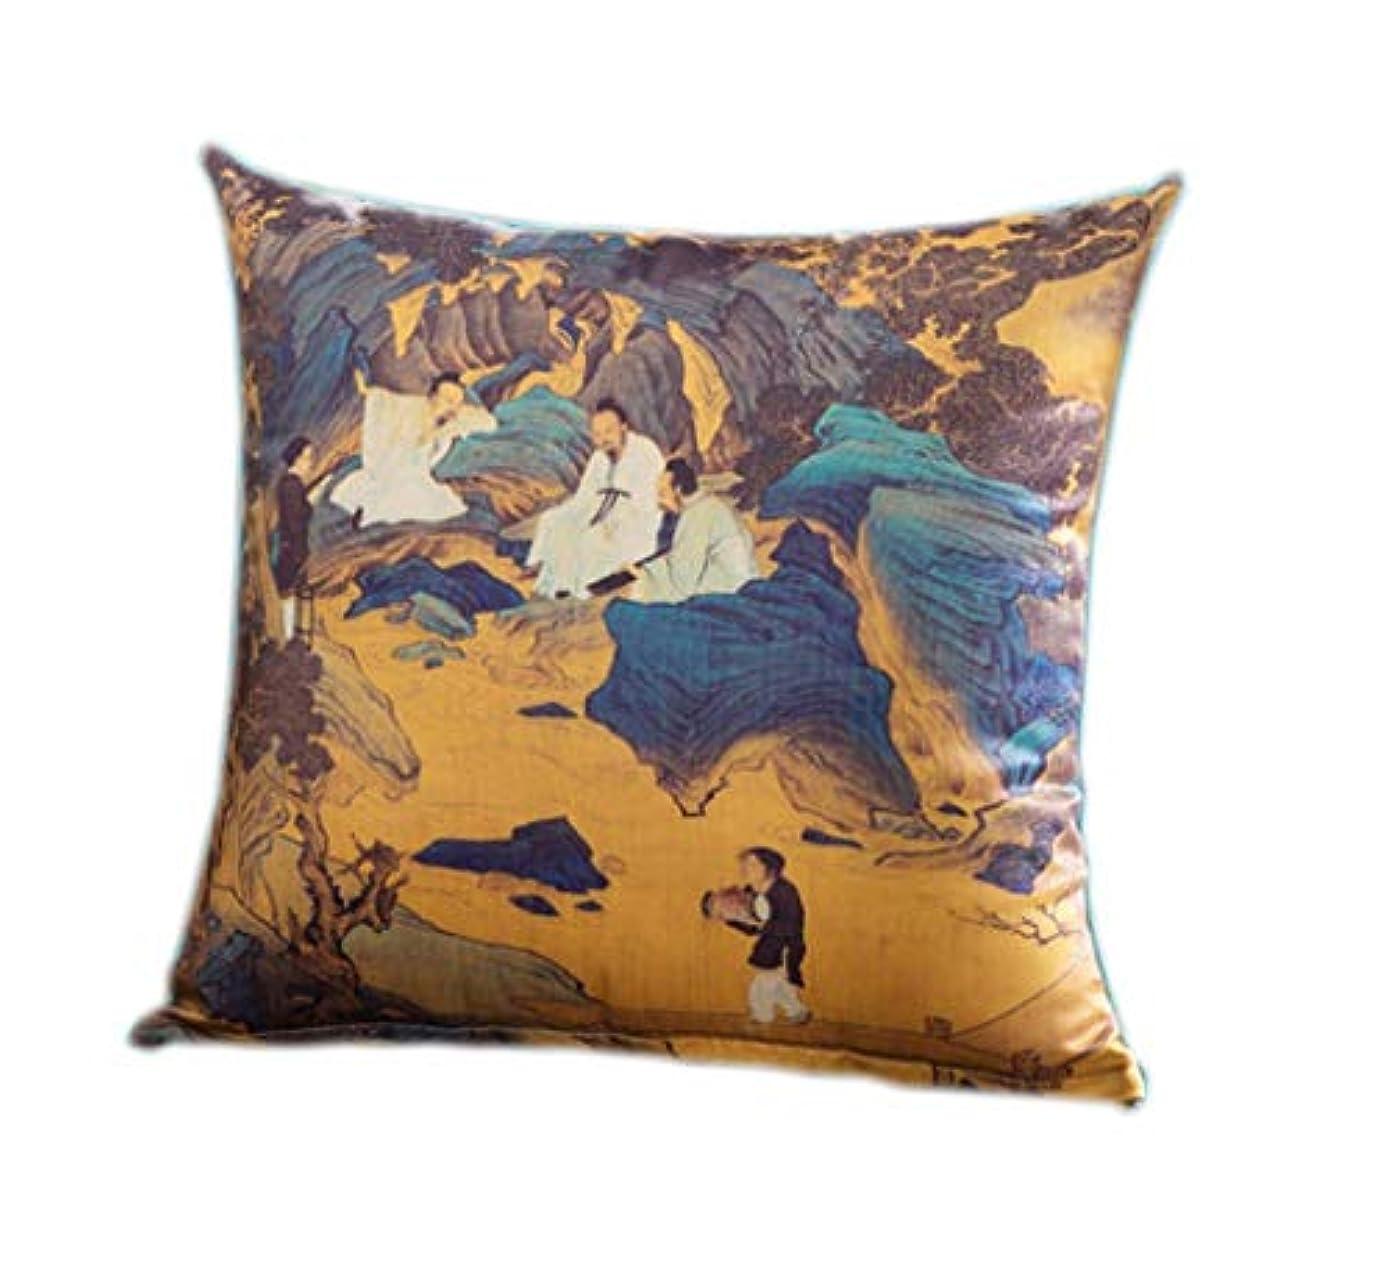 登録する重要な役割を果たす、中心的な手段となる祝福する18-AnyzhanTrade 風景枕ベッドヘッドレストカーシートサテンクッションクッションアートパッド枕クッション (Color : 3#)